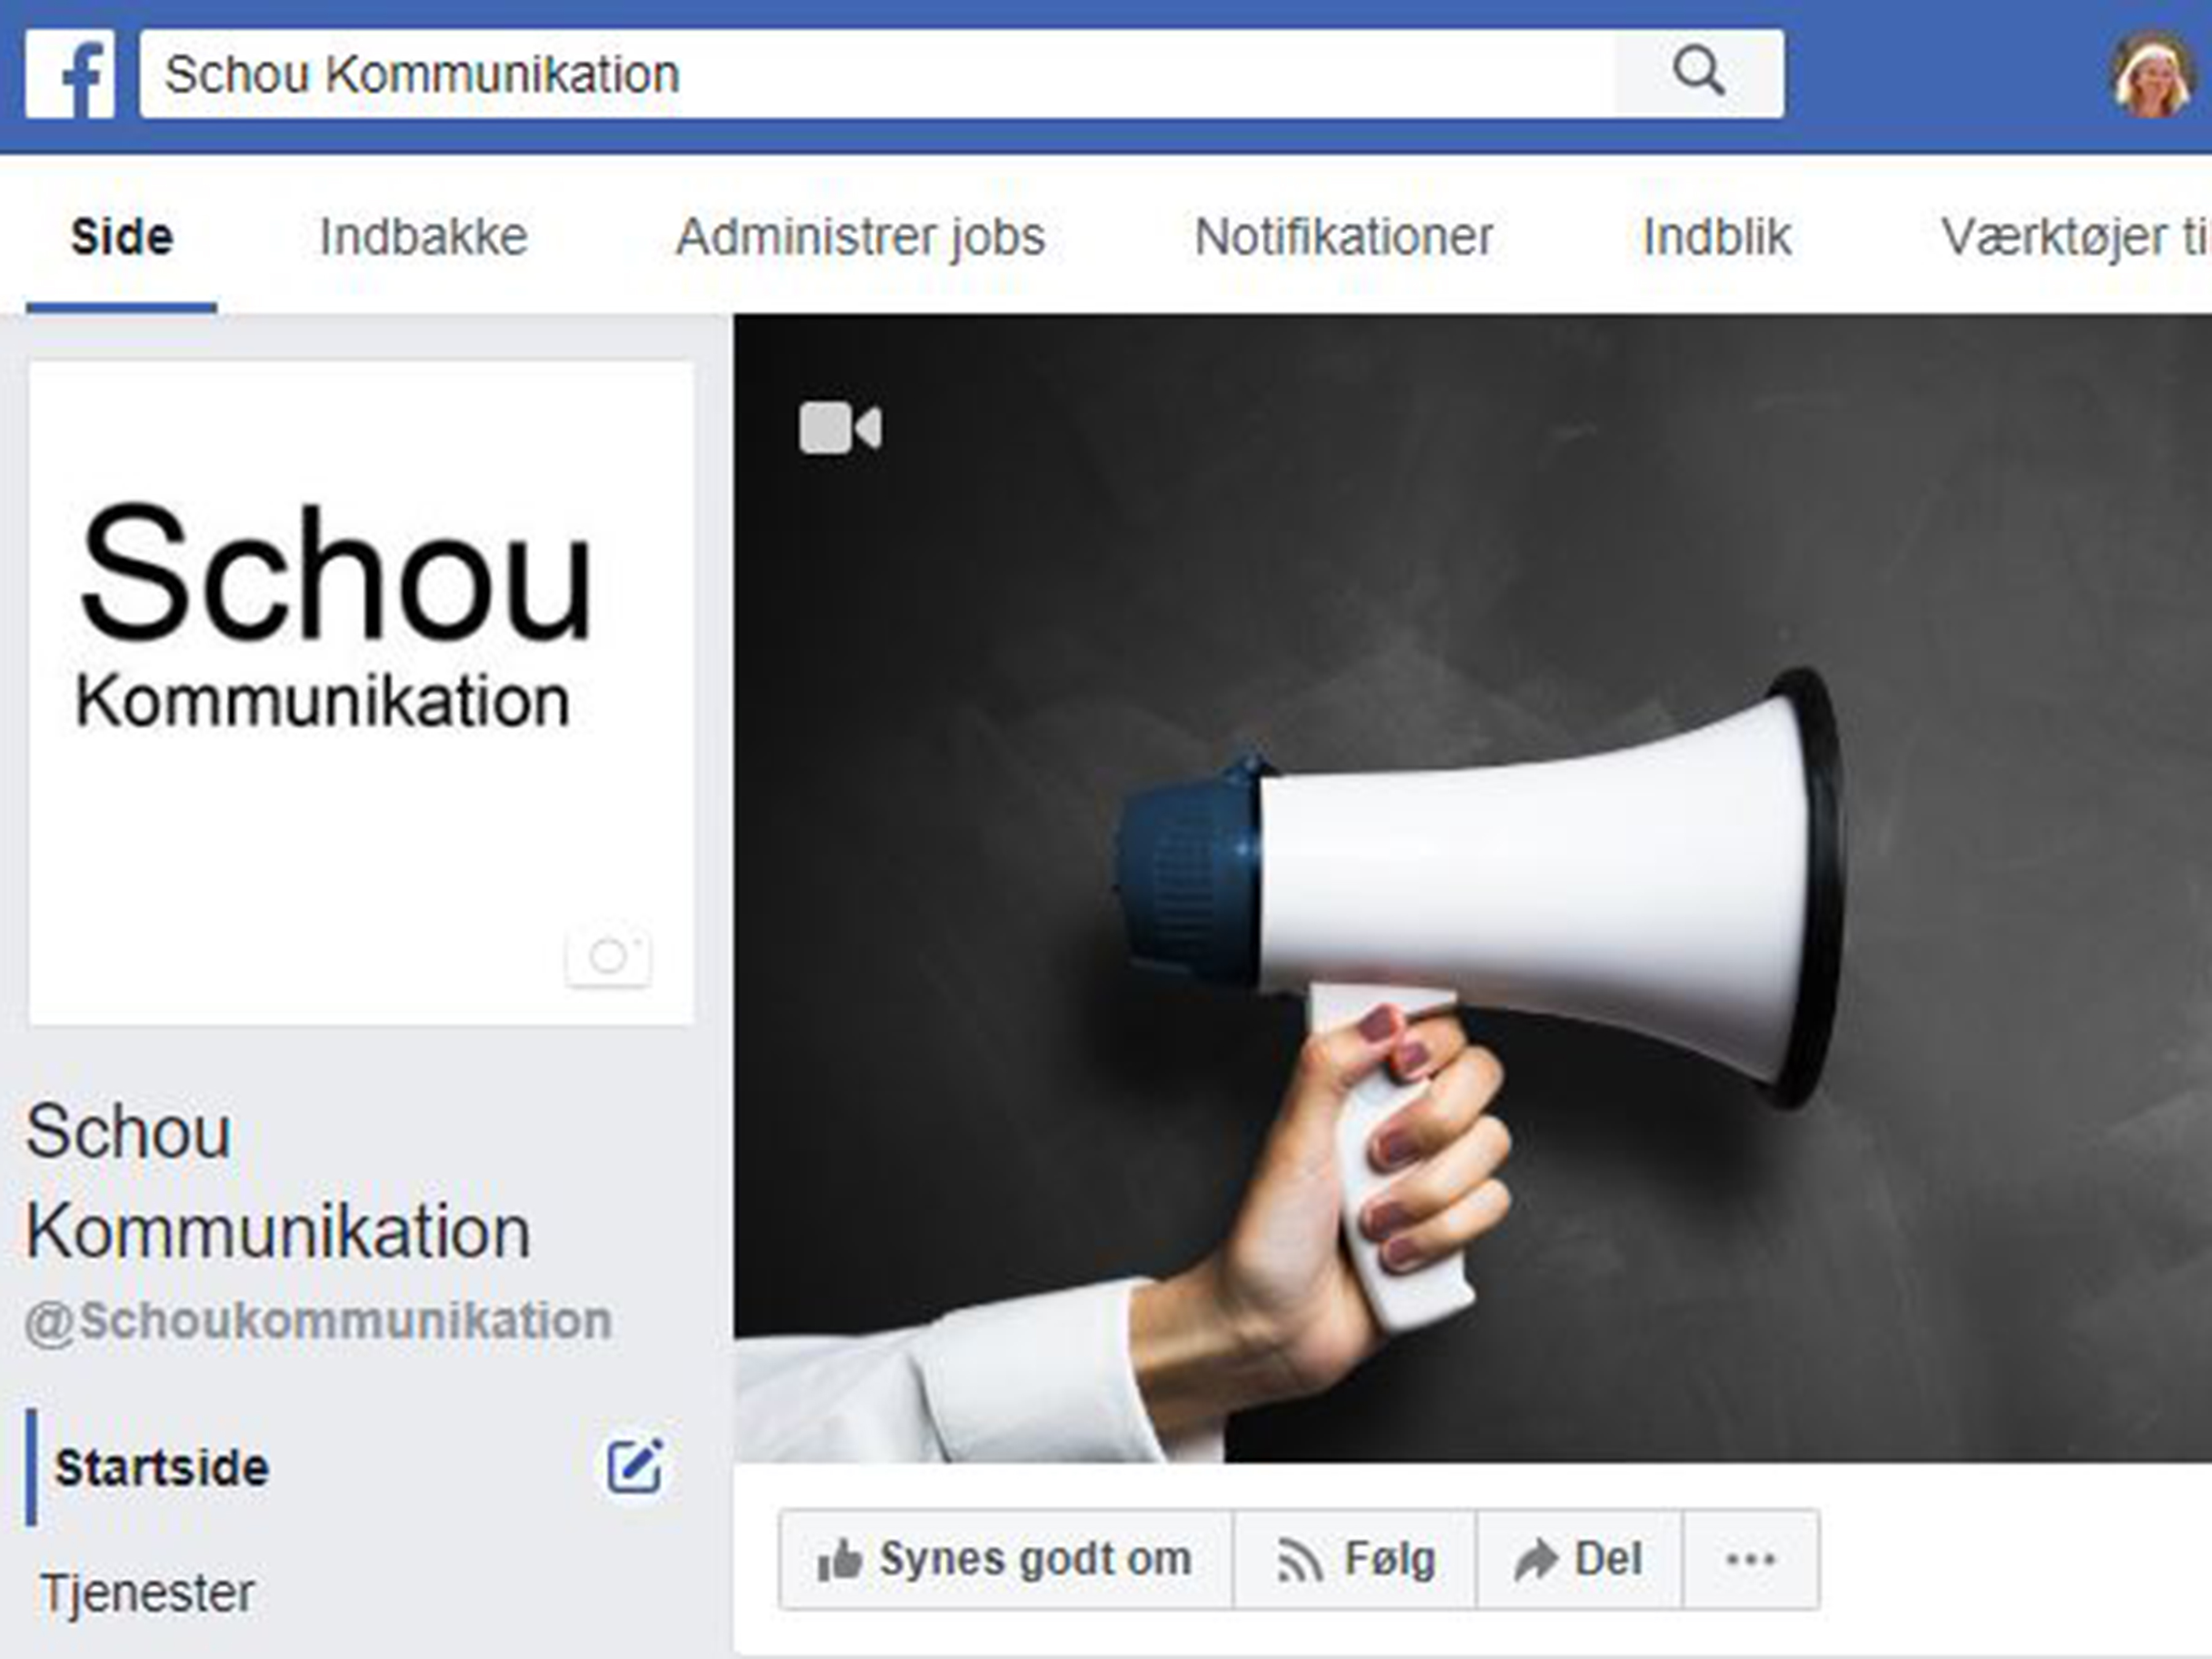 Facebook værktøjer